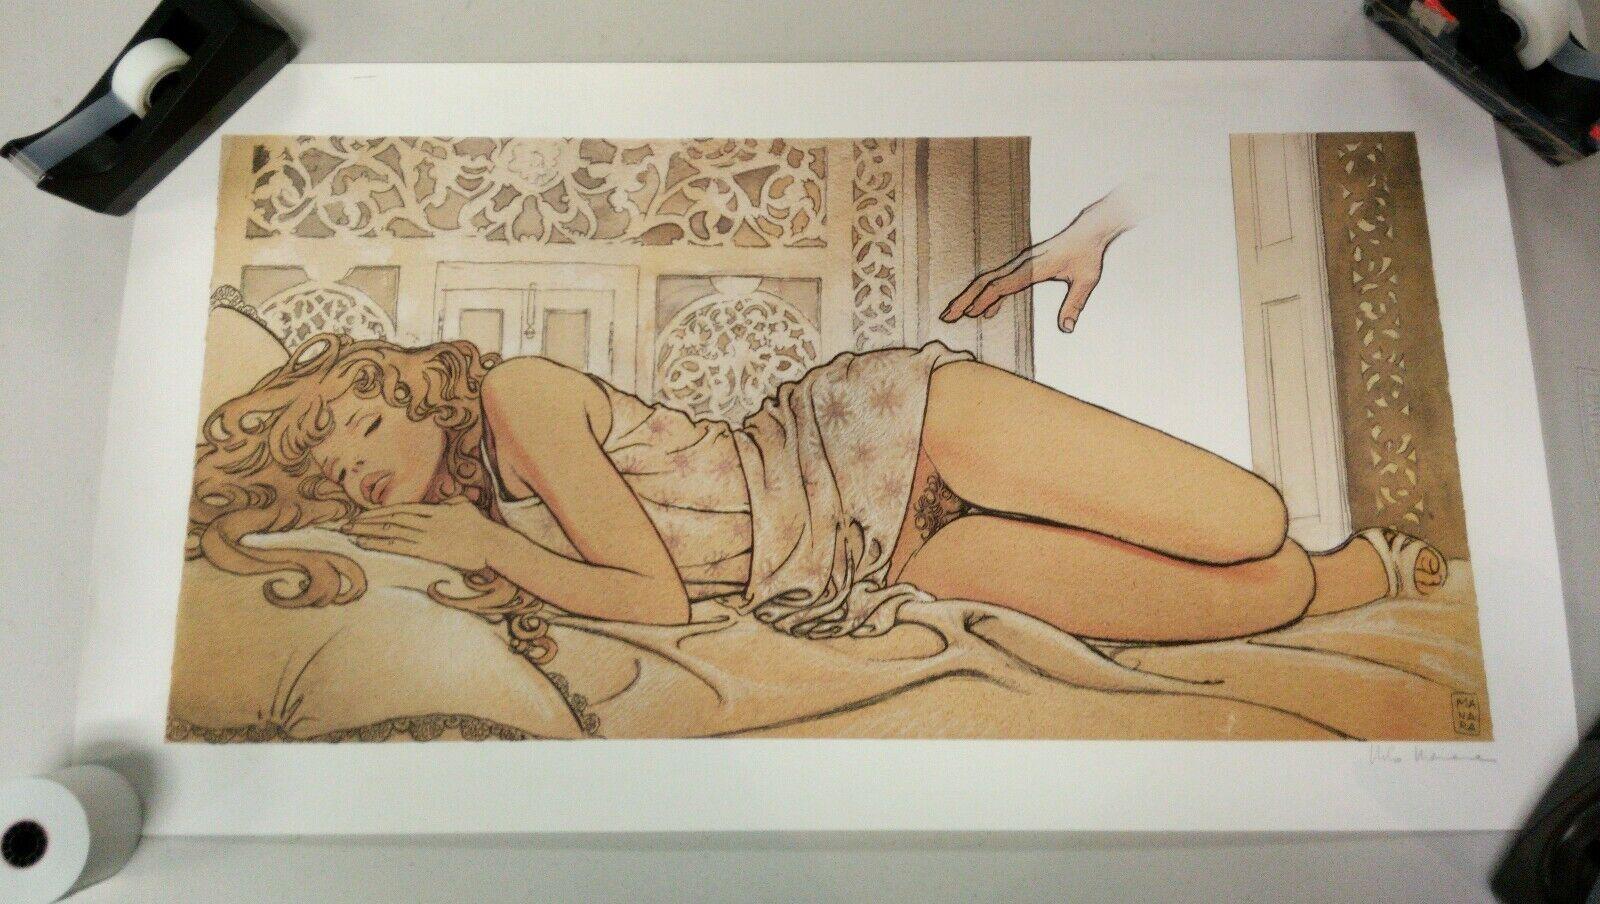 Milo Manara Adult Erotica Original Art Print Signed Autographed Limited Vintage